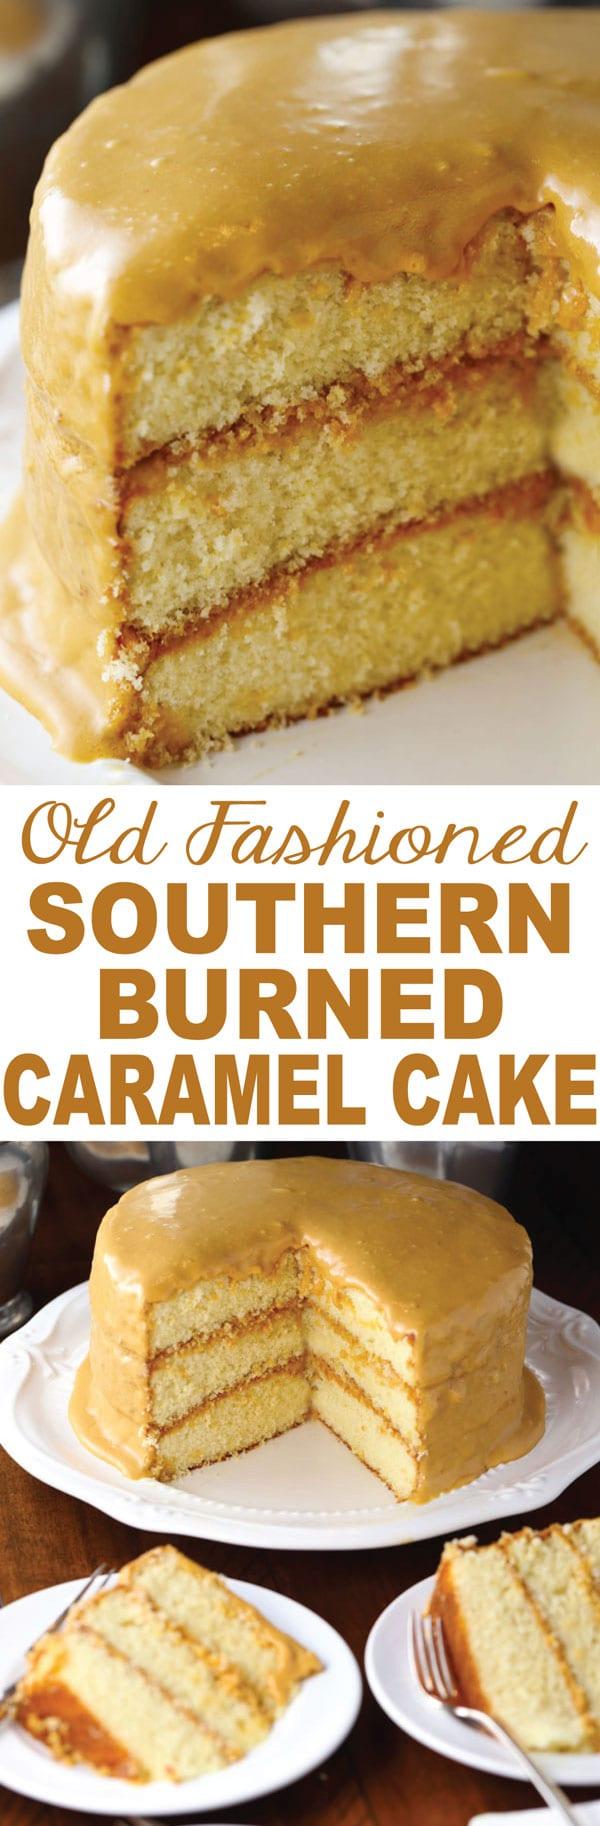 Old Fashioned Southern Burned Caramel Cake